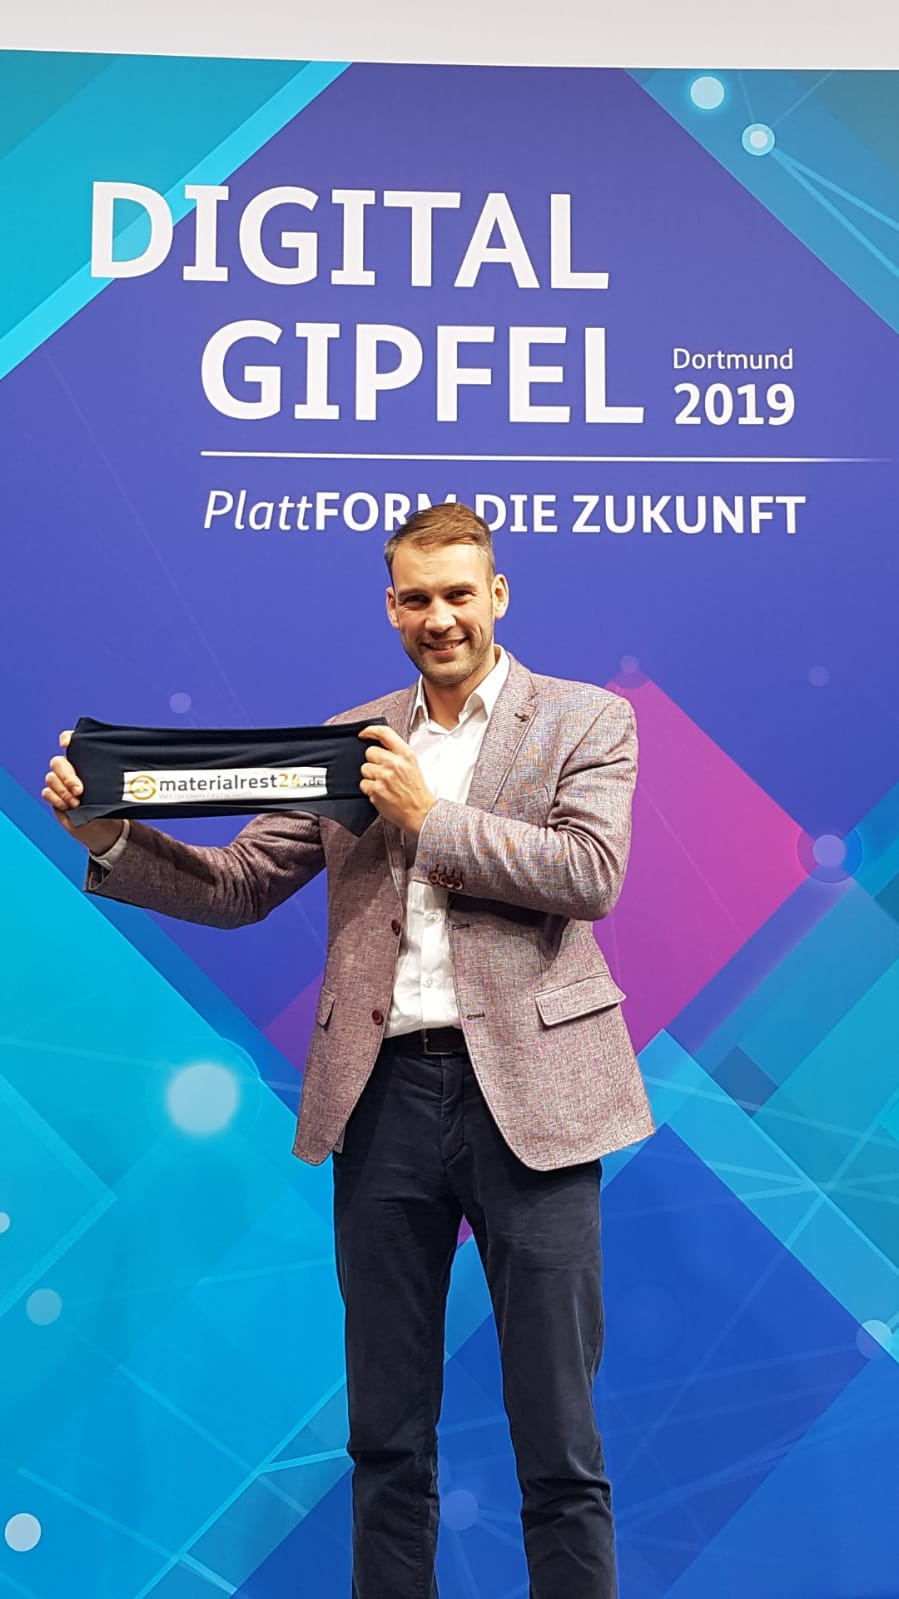 Digitalgipfel 2019 (2)